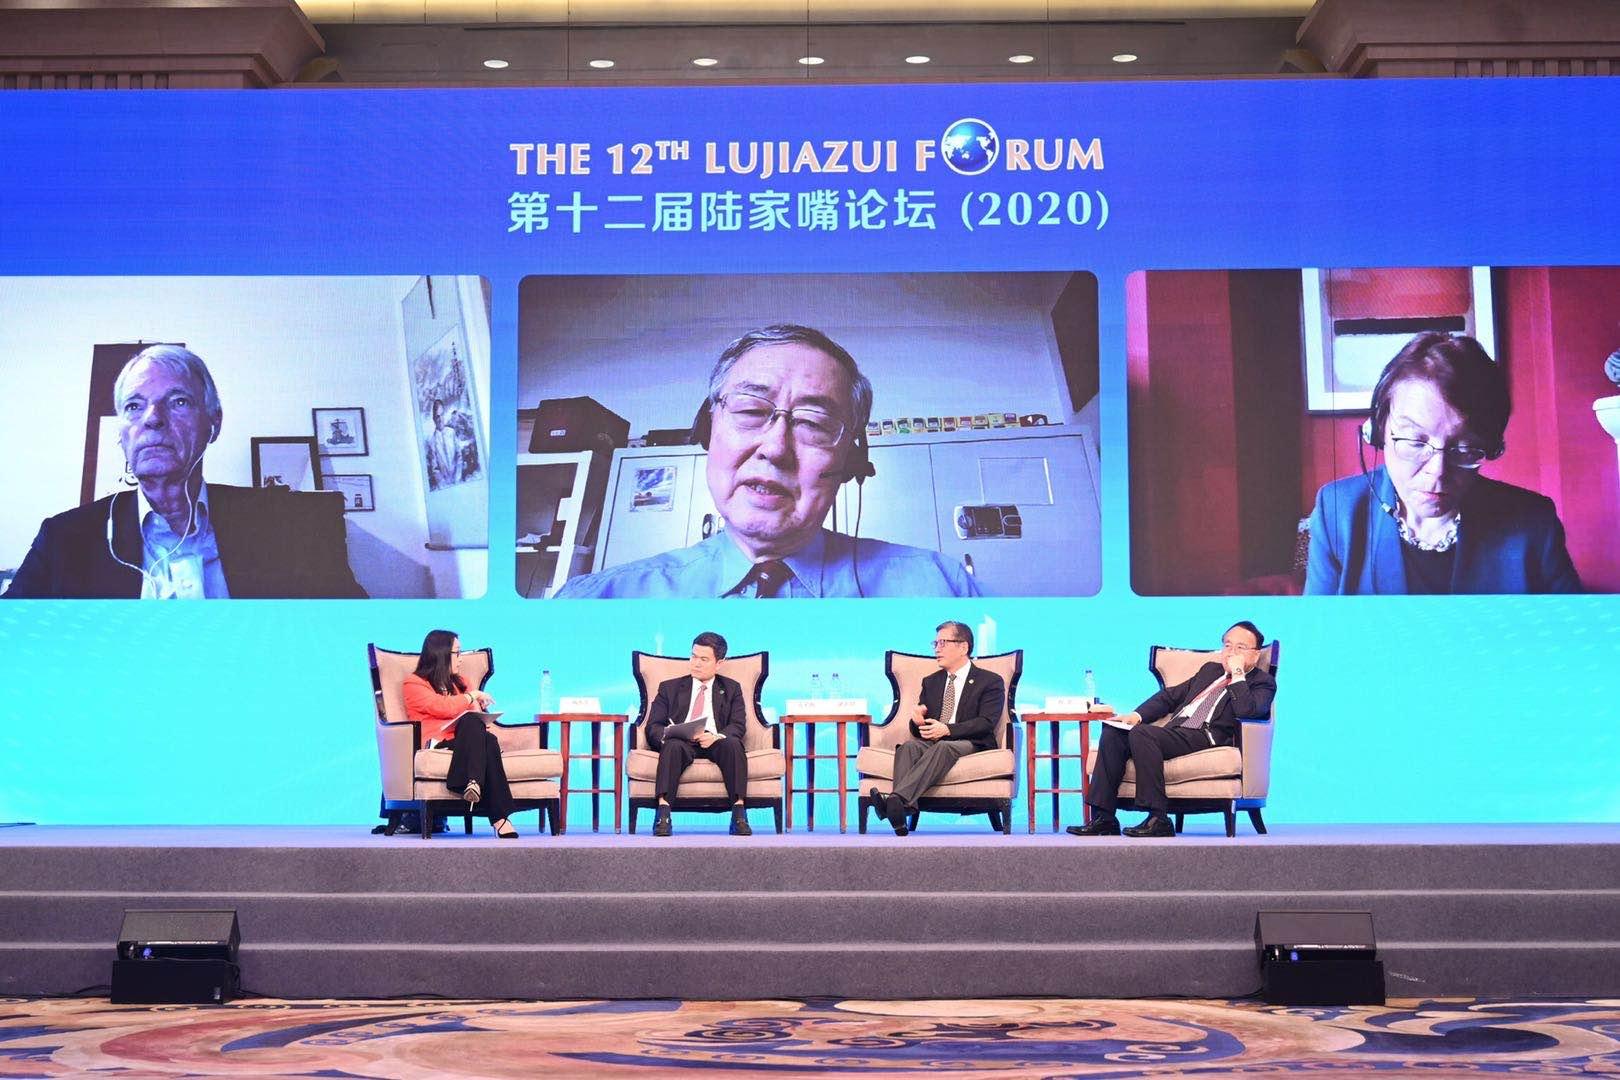 第十二届陆家嘴论坛现场 汹涌消息记者 朱伟辉 图